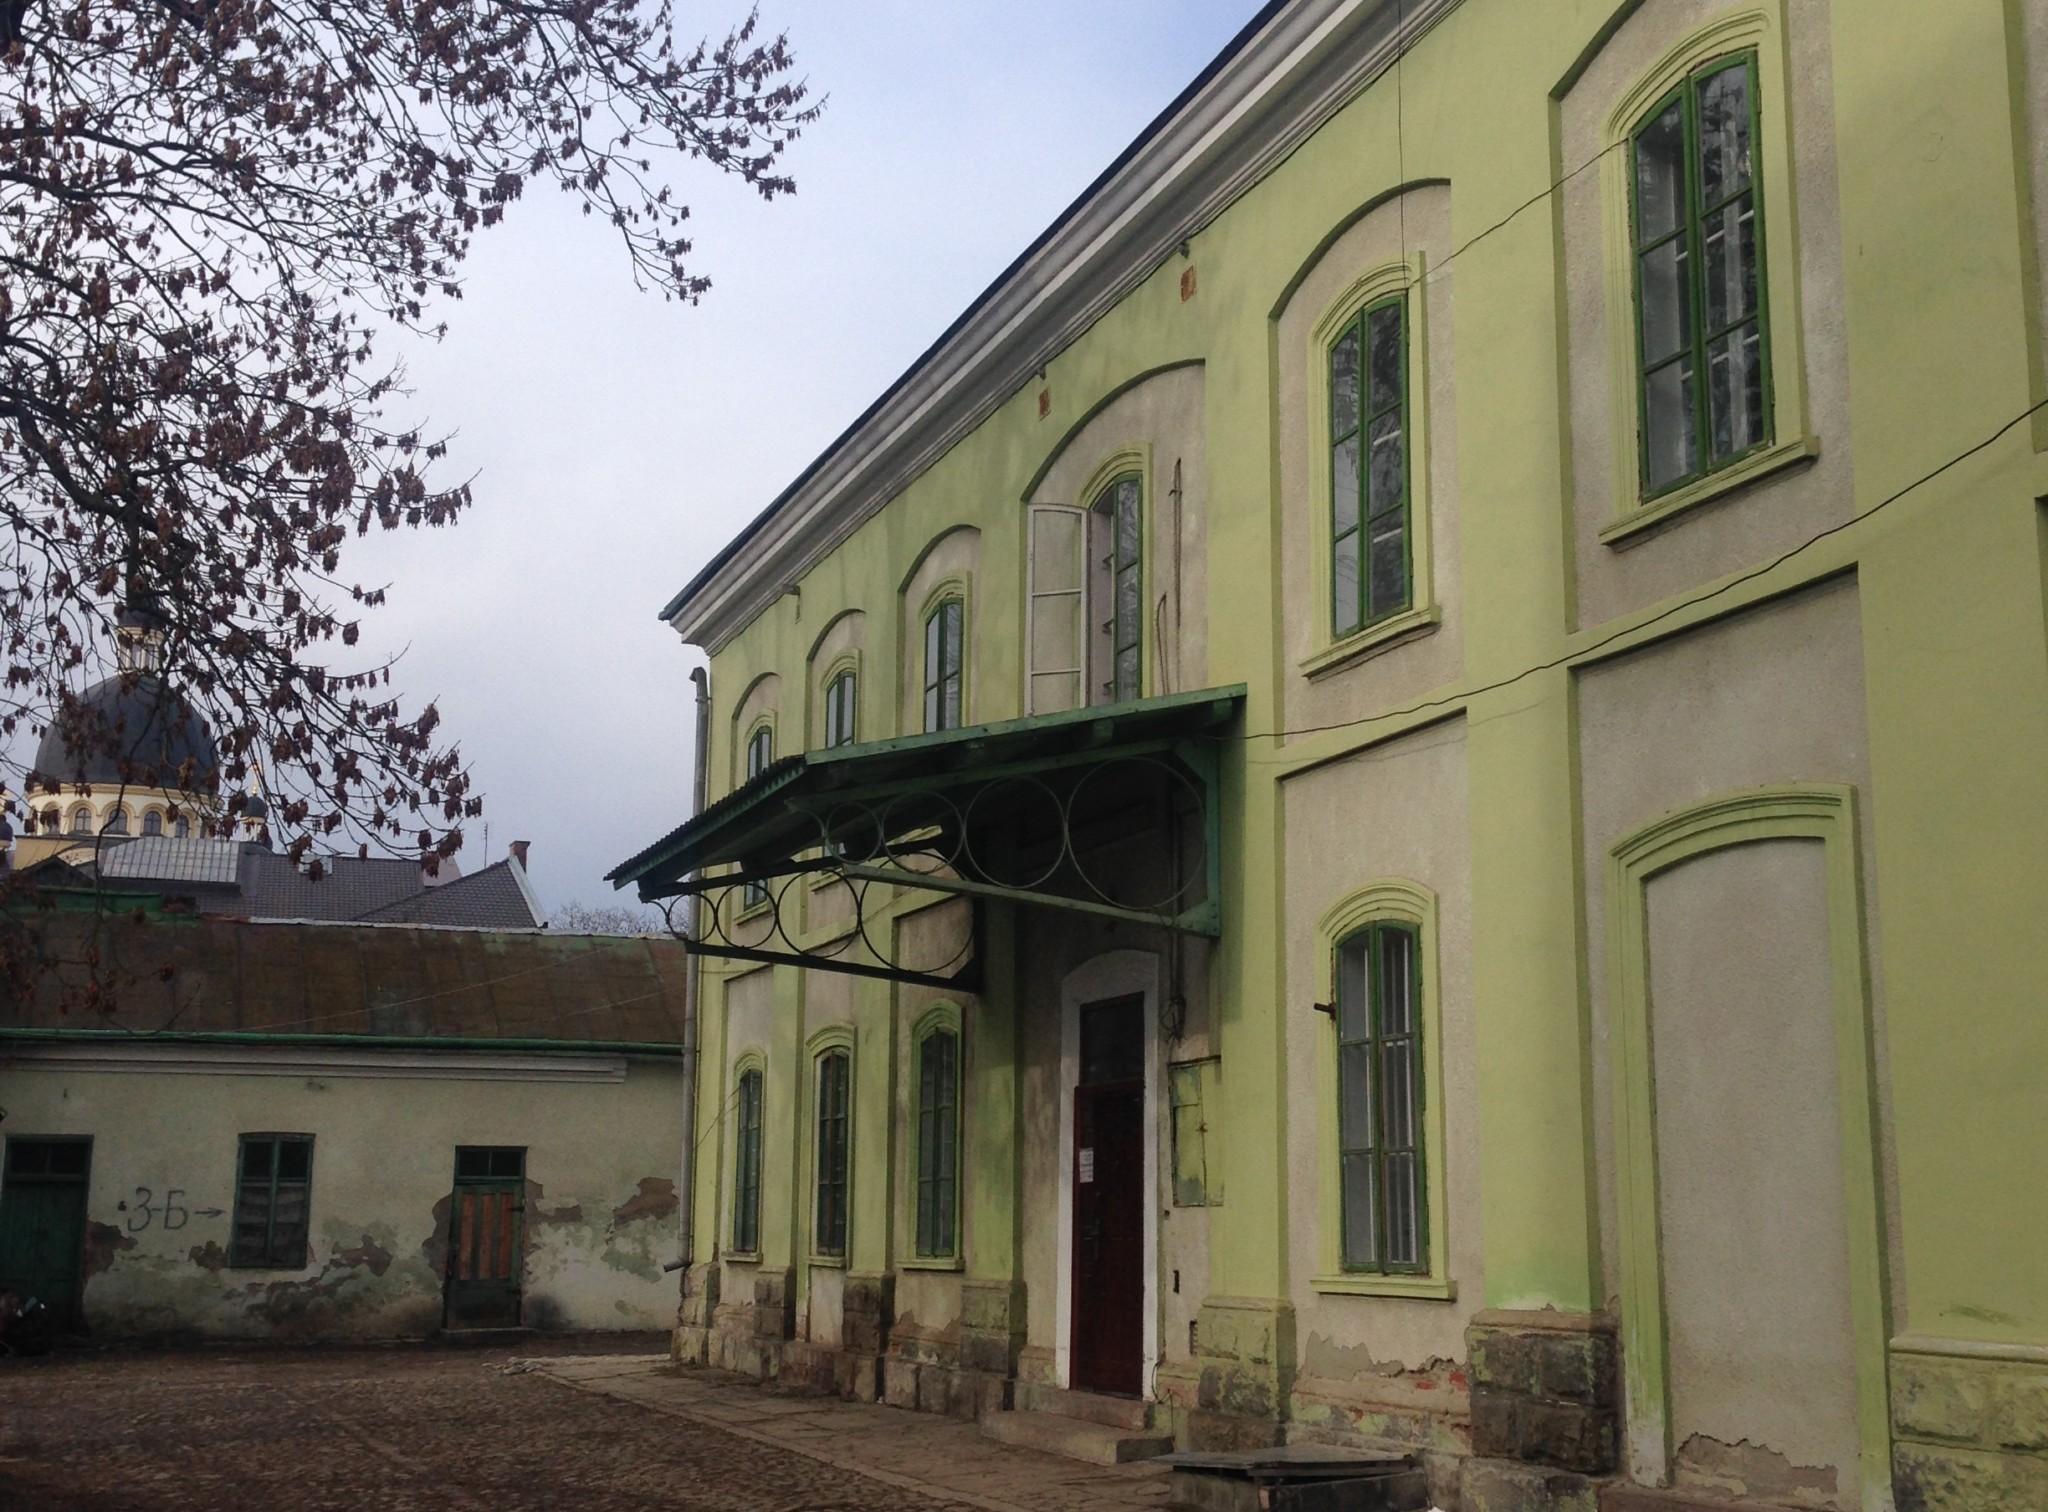 Будівля, в якій трапилася трагедія